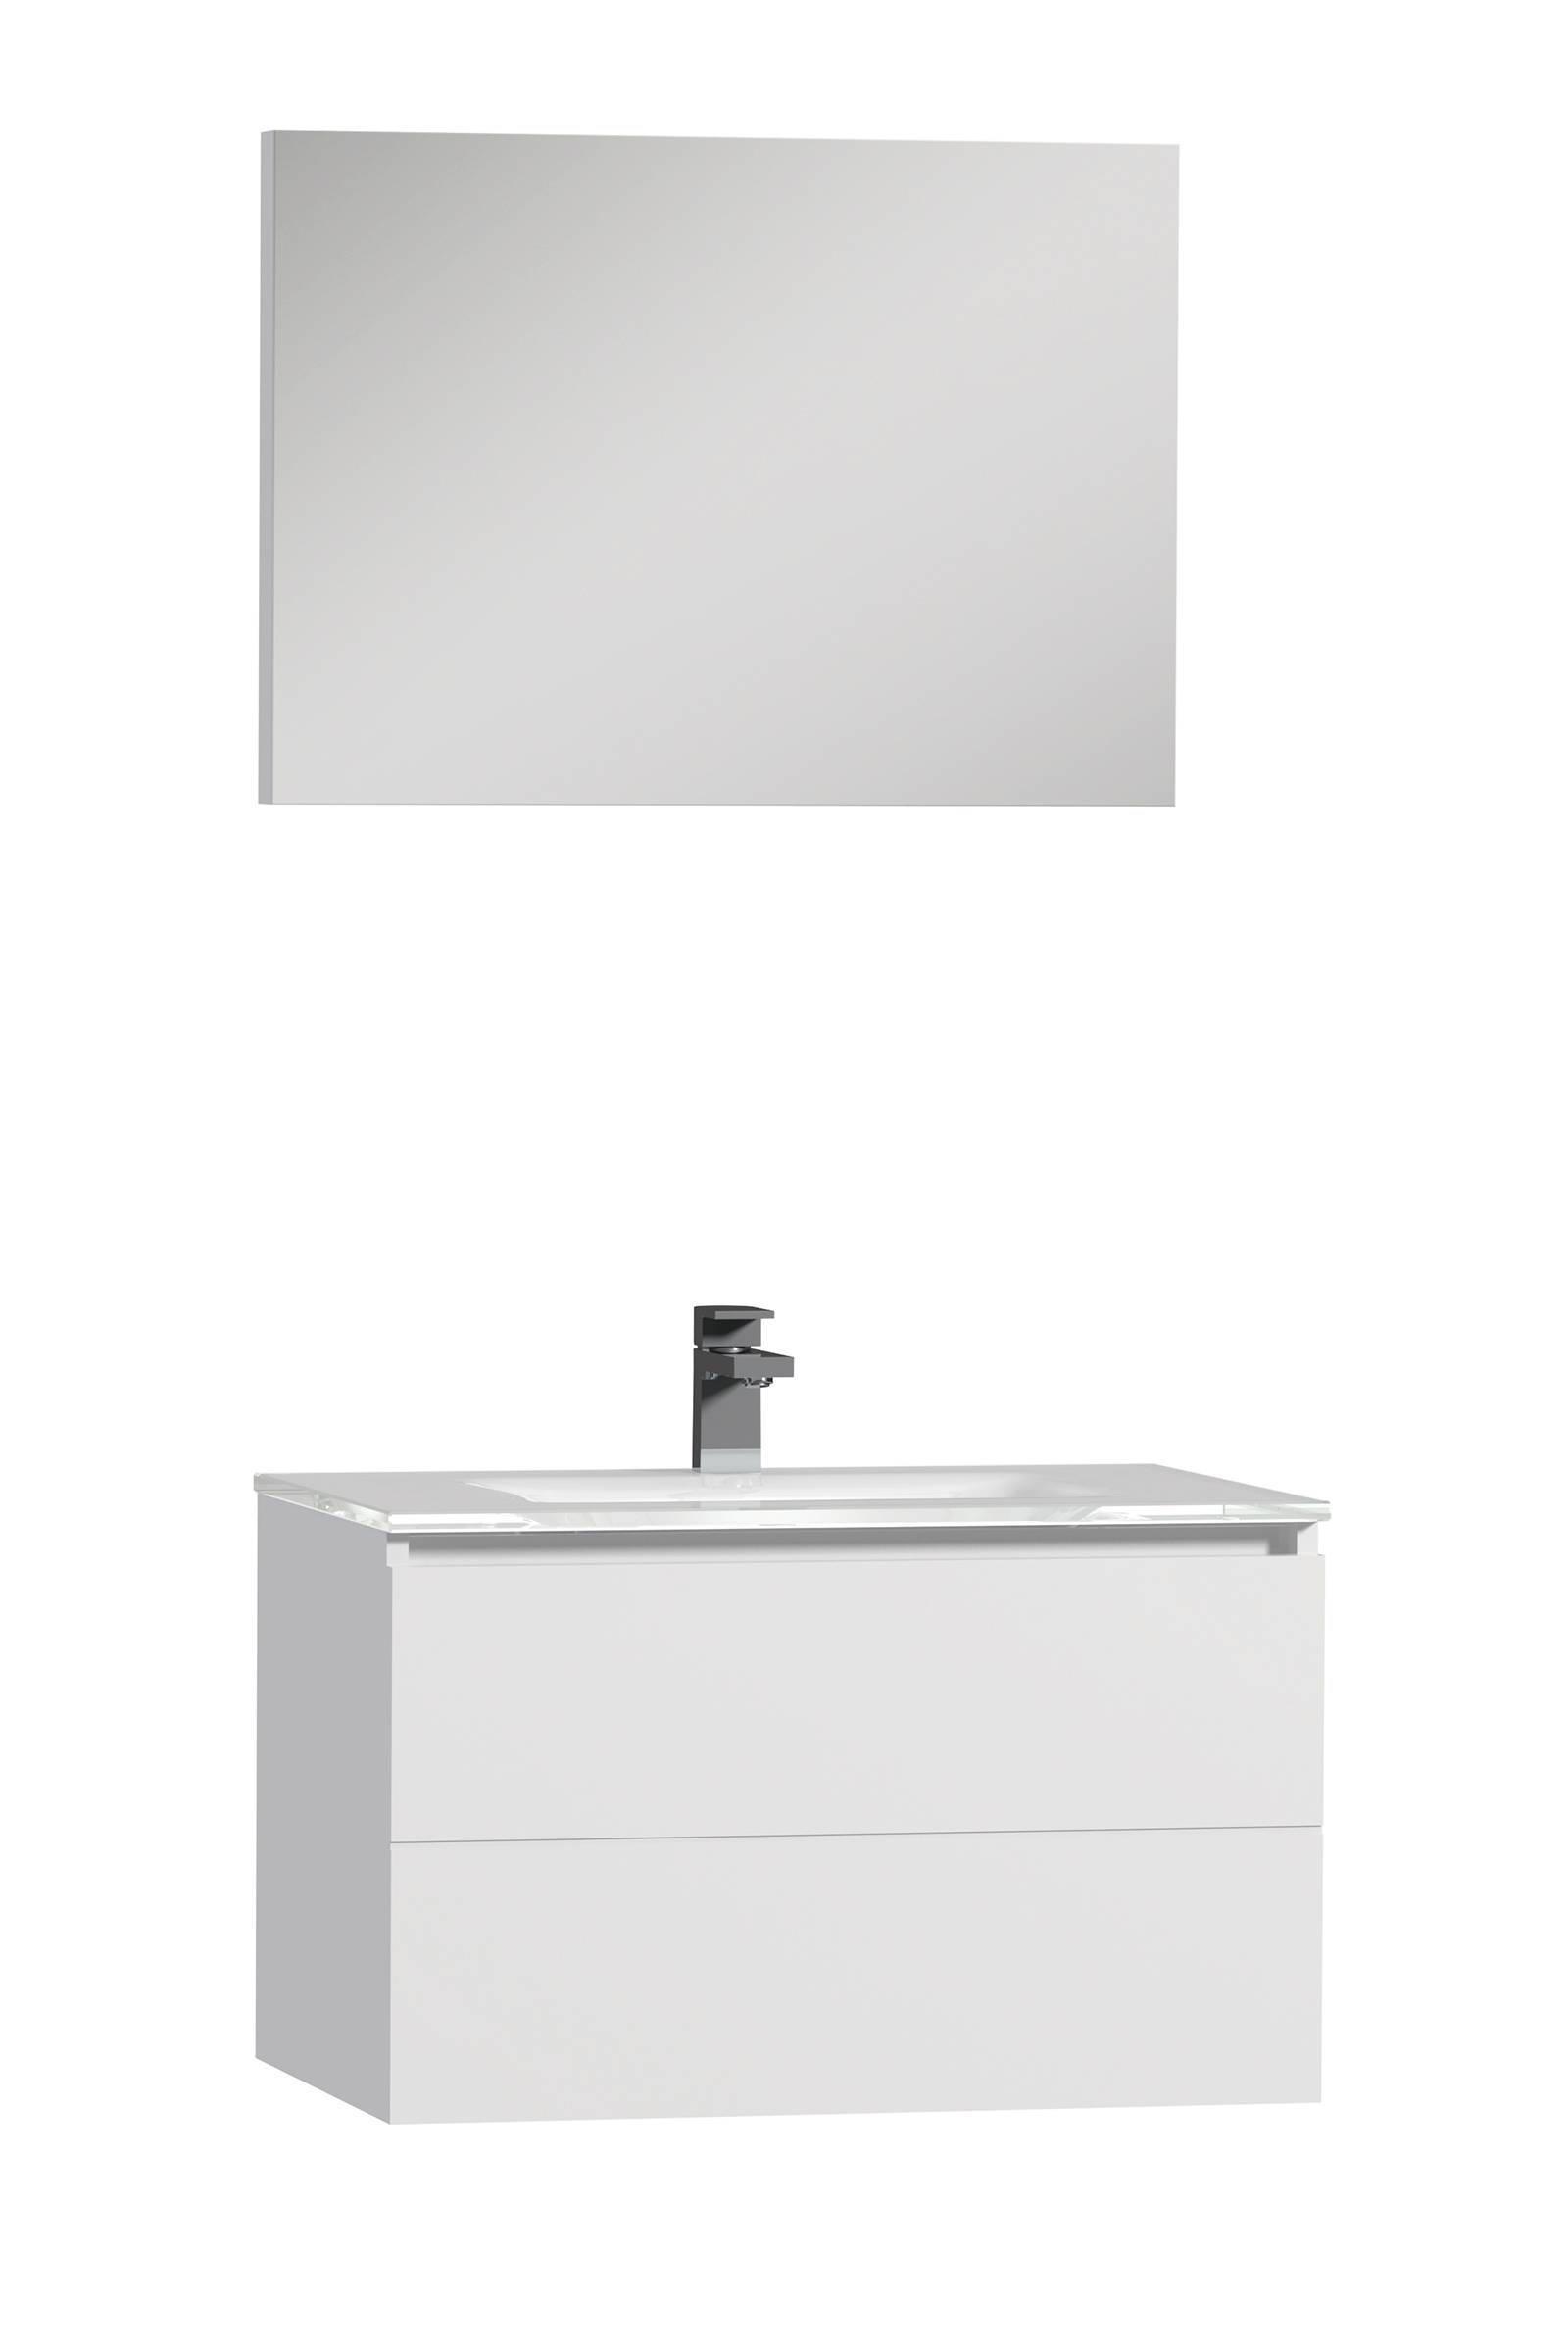 Tiger Items badkamermeubel 70cm met spiegelpaneel en wit glazen wastafel